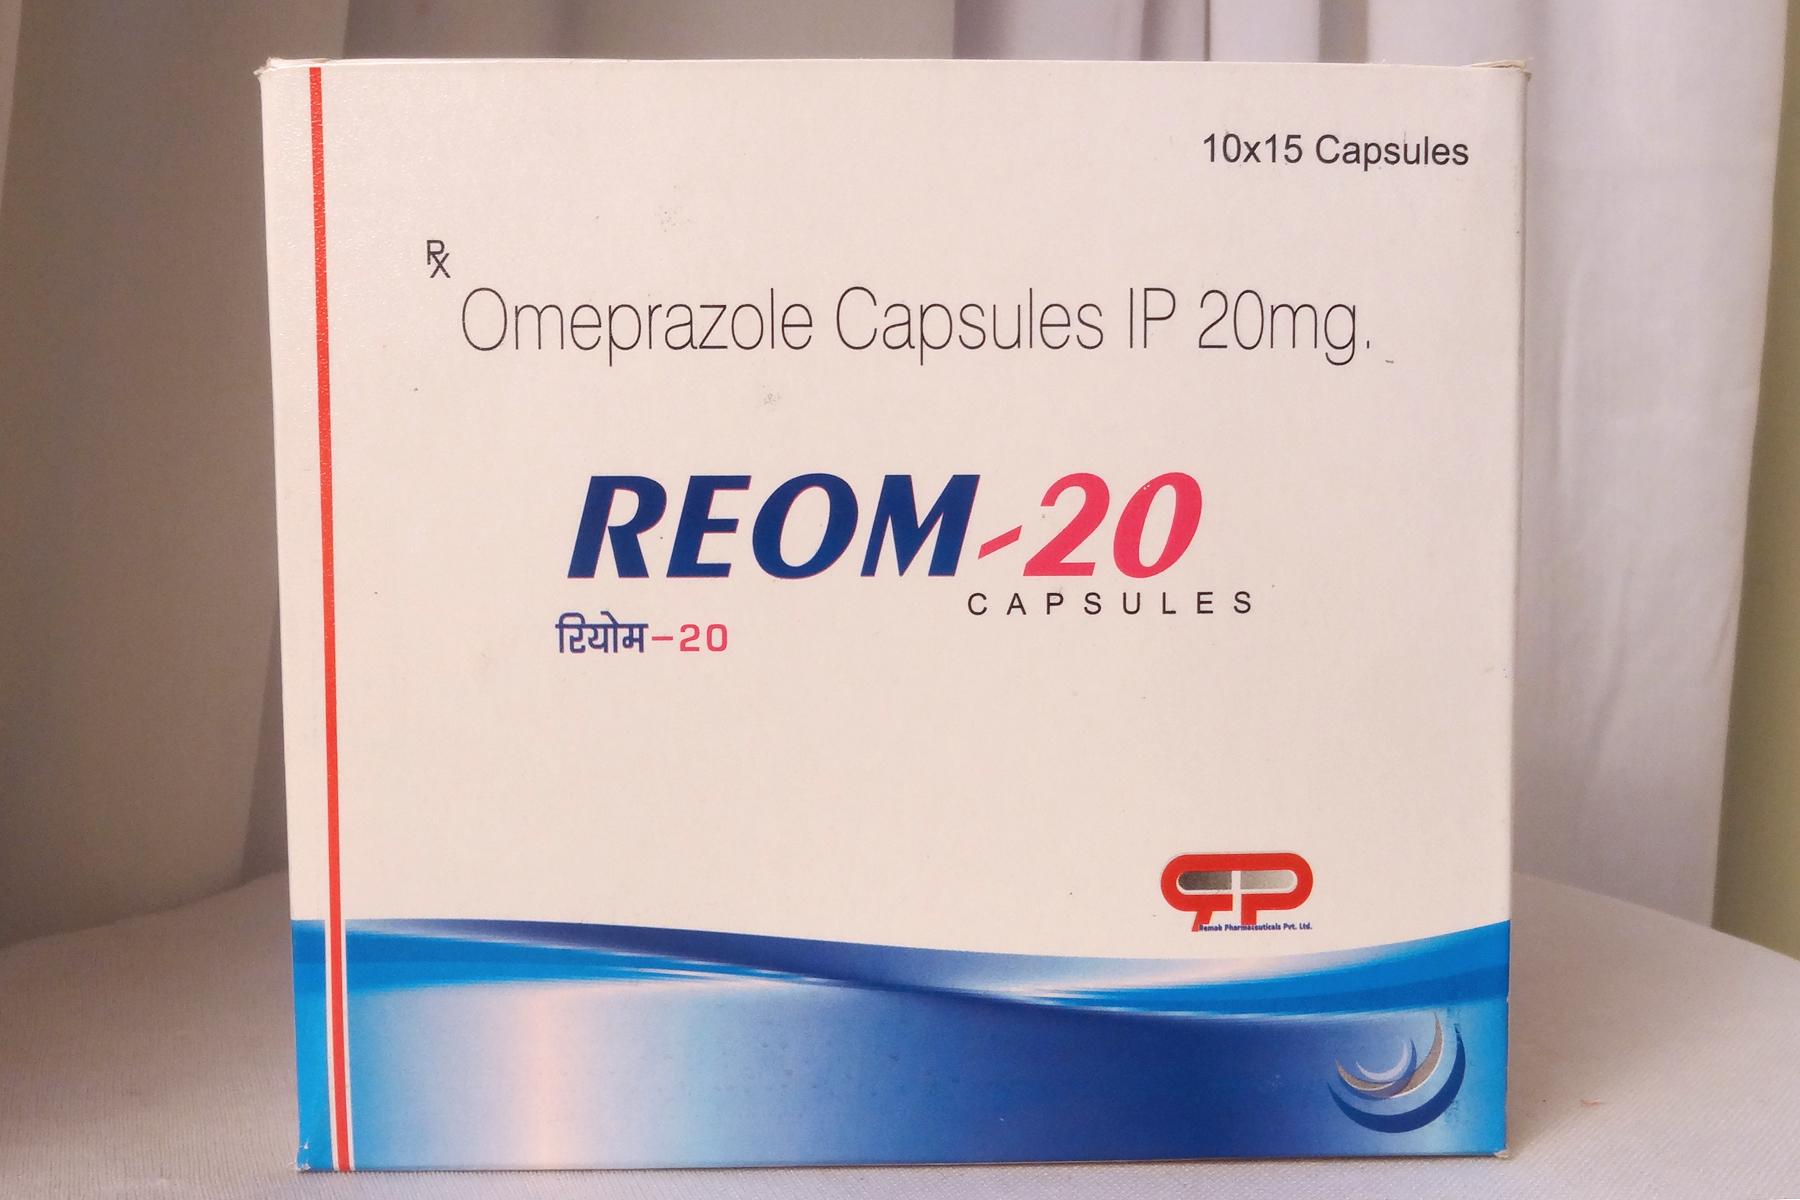 Omeprazole-20mg & Domperidone-10mg Capsule